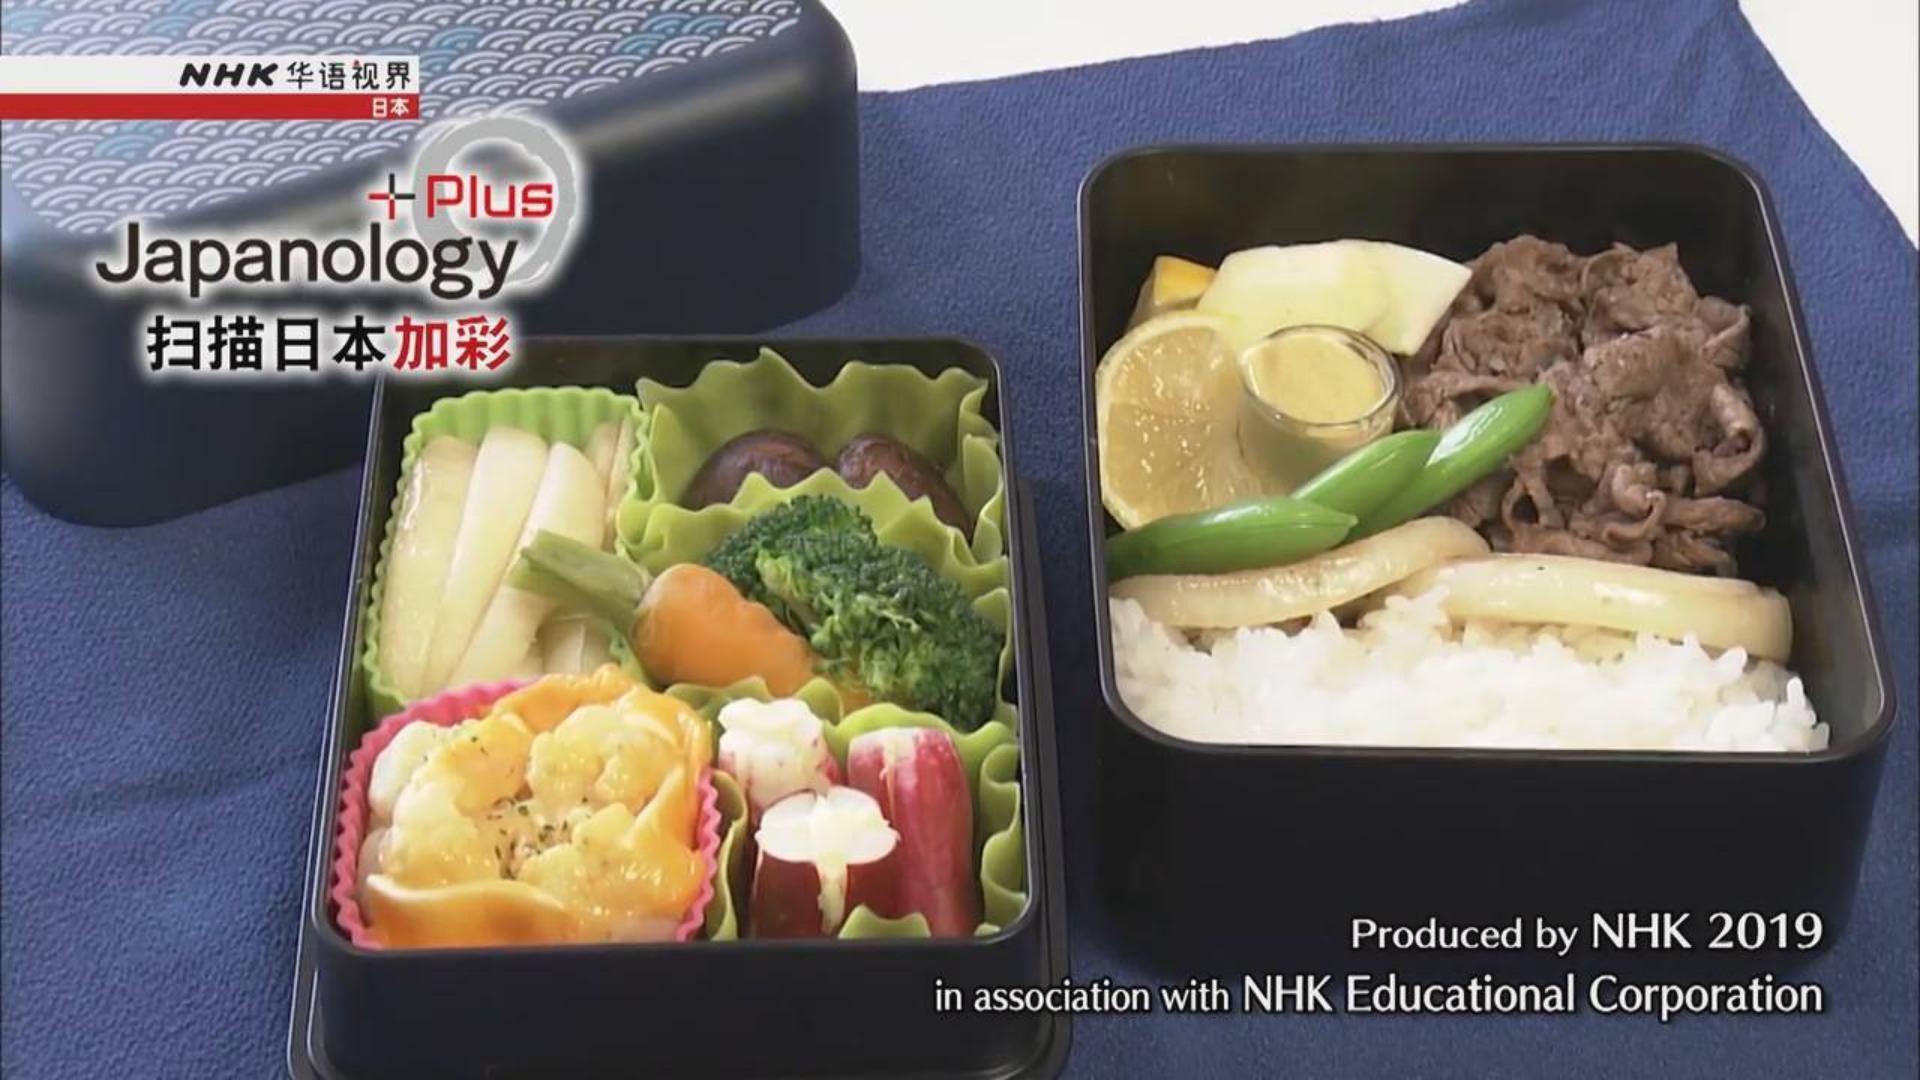 纪录片.NHK.扫描日本加彩.便当盒:托马斯・贝特兰德.2019